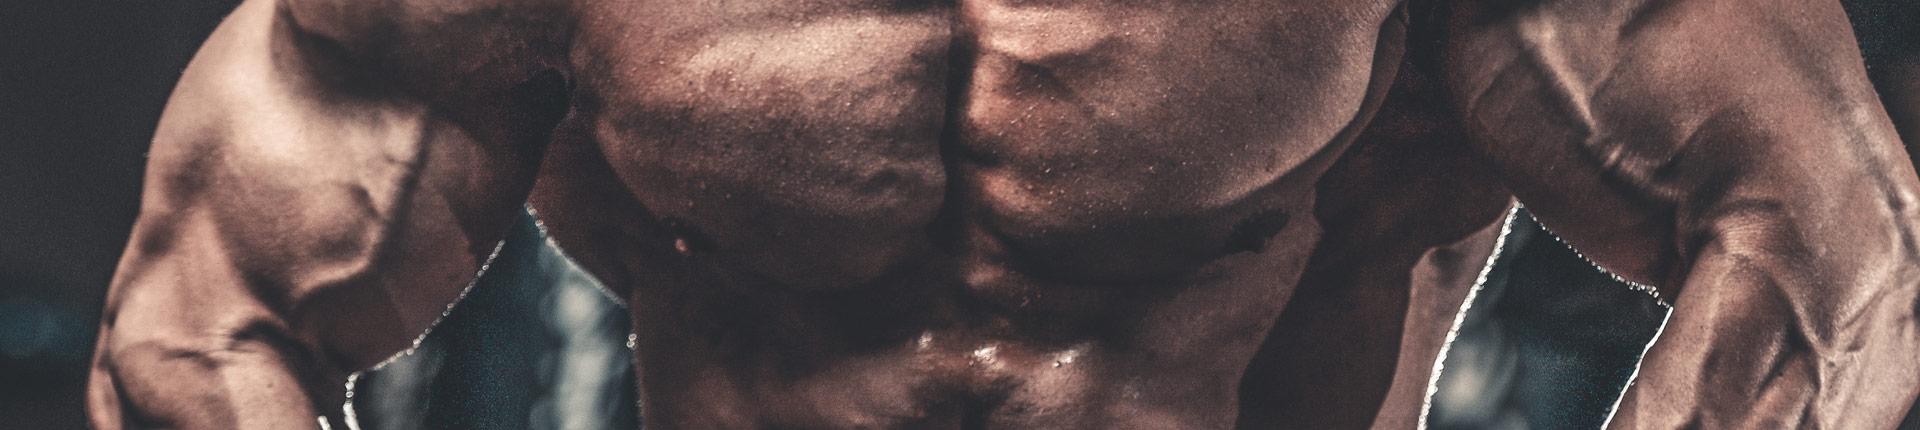 Uginanie typu Zottman, na silne bicepsy i przedramiona